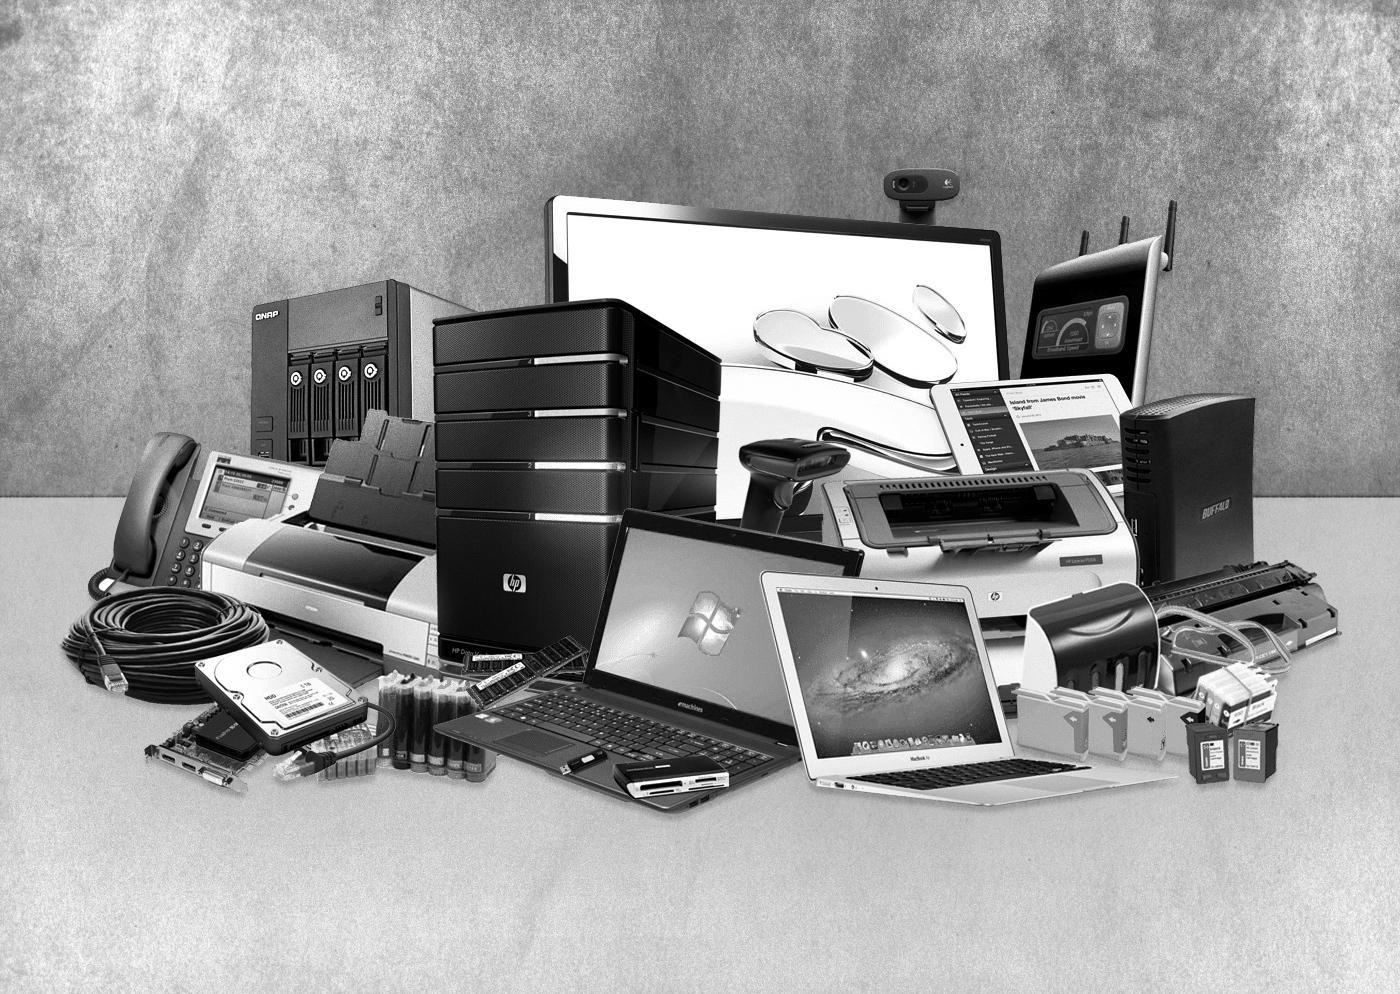 """GfK: Почти четверть украинского рынка бытовой техники и электроники (20,5  млрд грн) приходится на """"серый импорт"""", чаще всего таким образом ввозят  смартфоны и телевизоры - ITC.ua"""